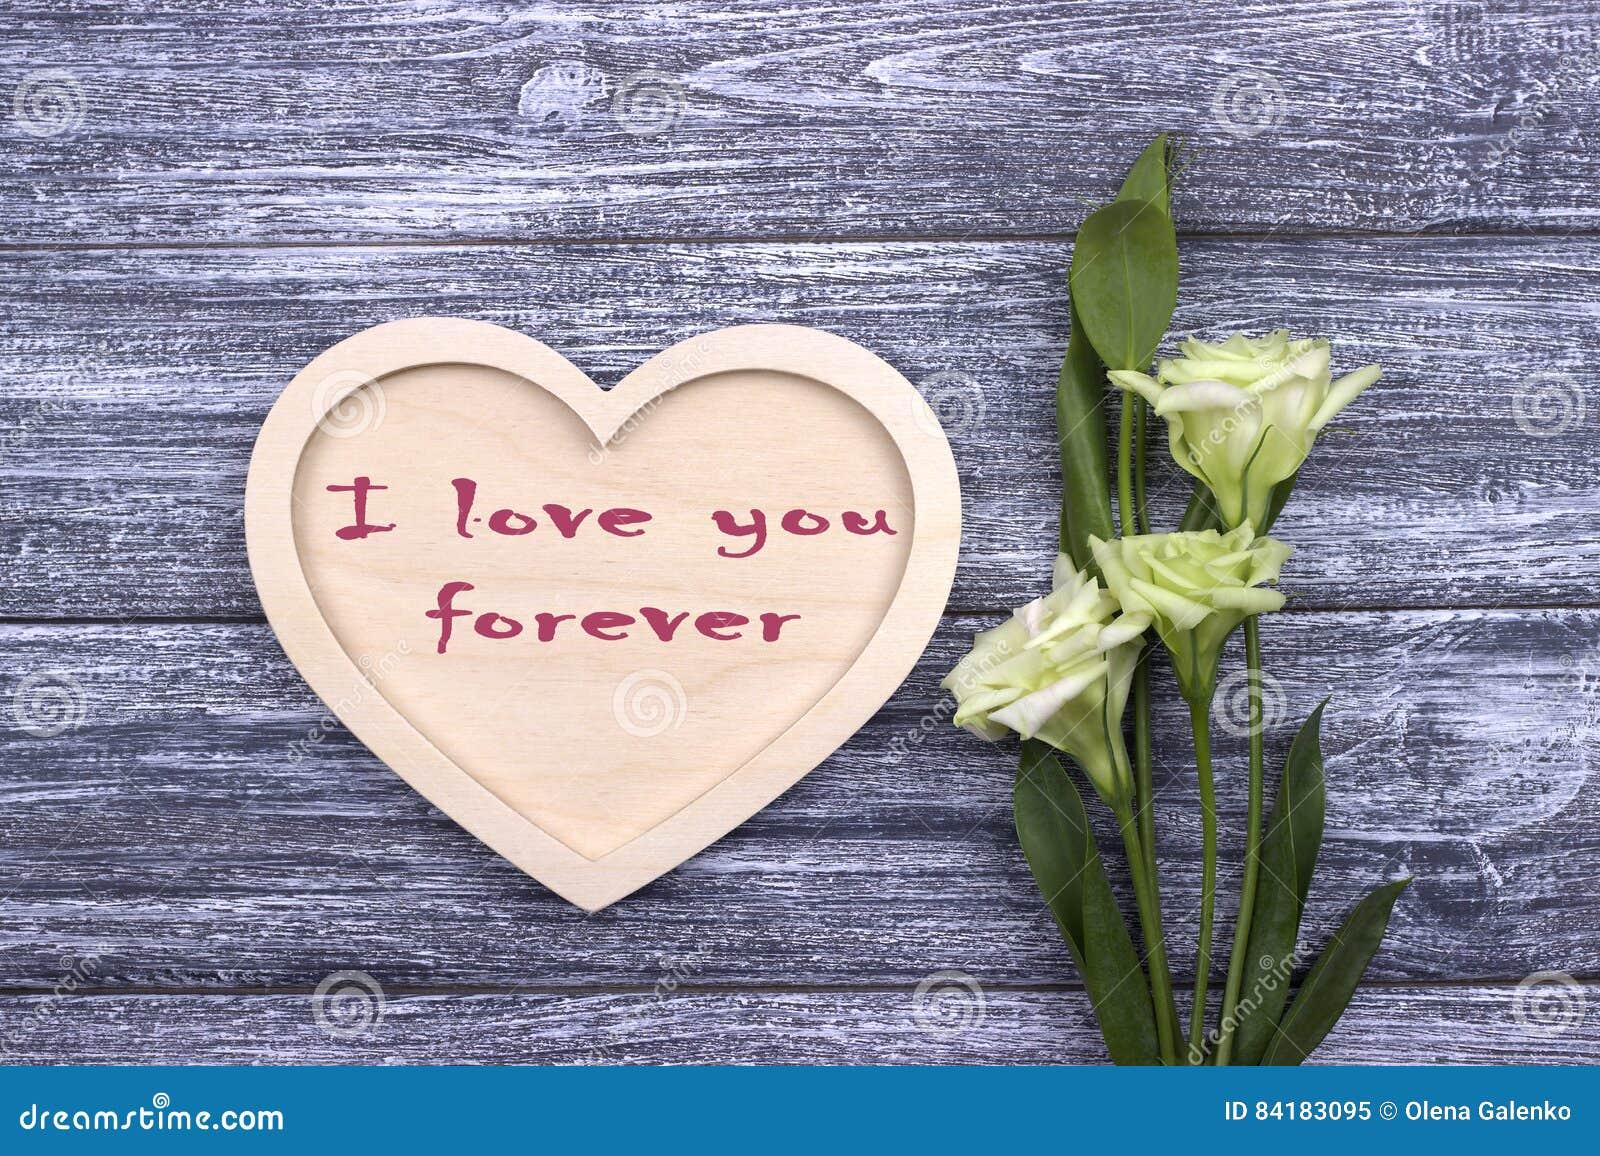 Cartão do Valentim com texto eu te amo para sempre